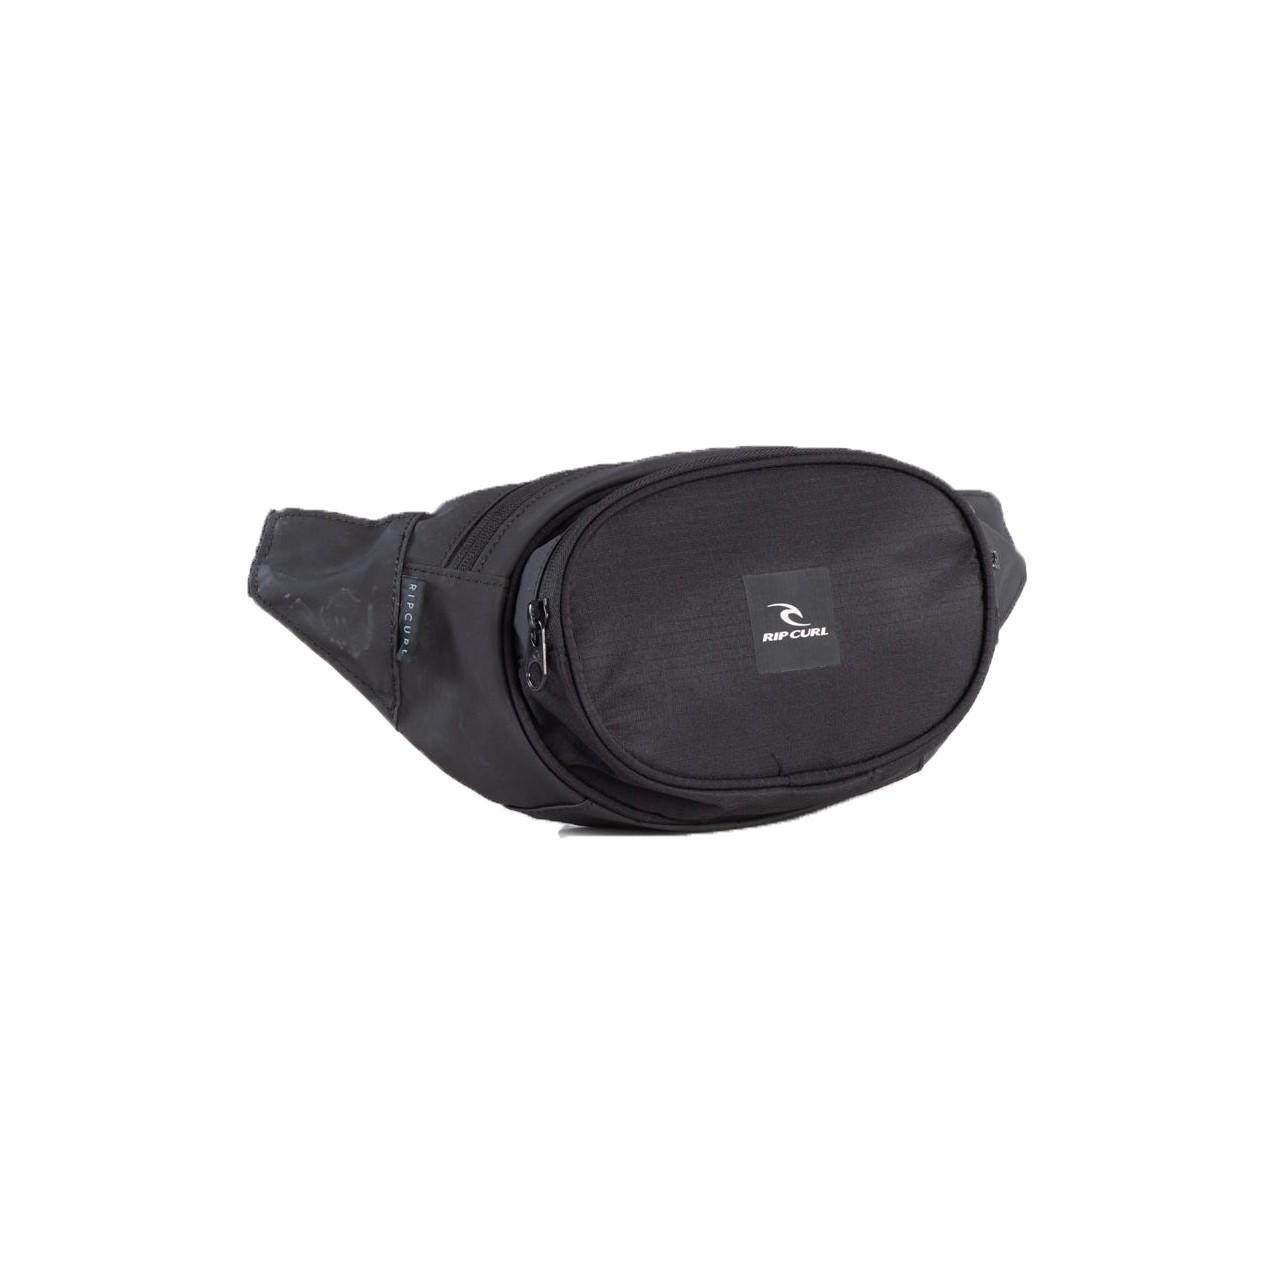 Pochete Rip Curl Waist Bag Midnight 2 Midnight